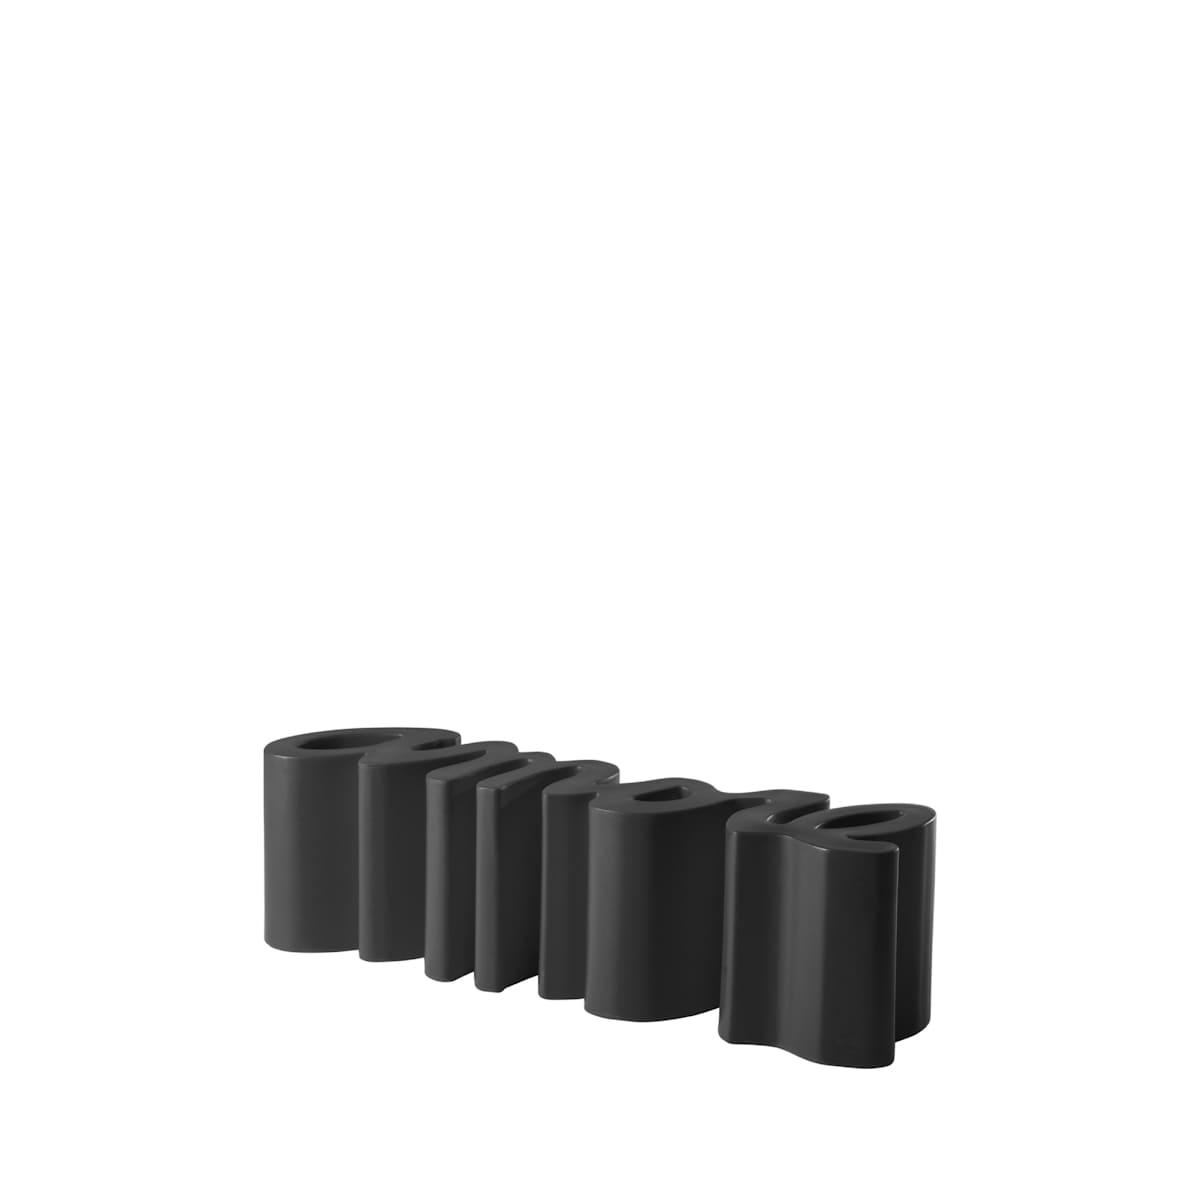 gartenbank modern sitzbank garten schwarz - Ausgefallene Designer Bank für den Garten